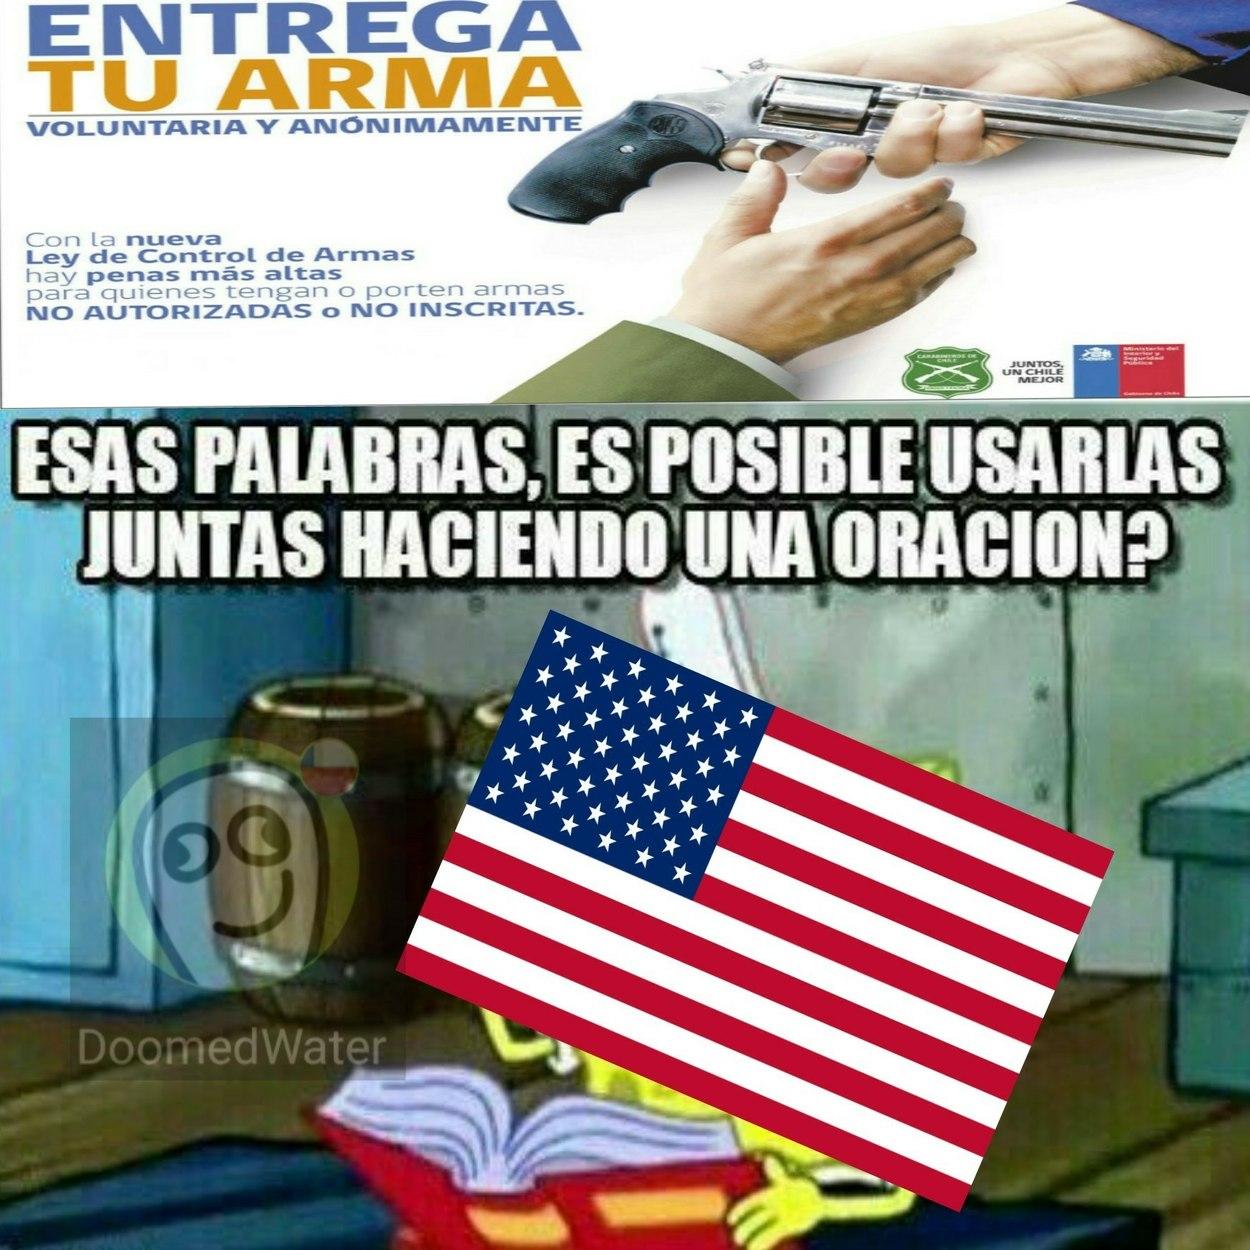 Estados Unidos. - meme